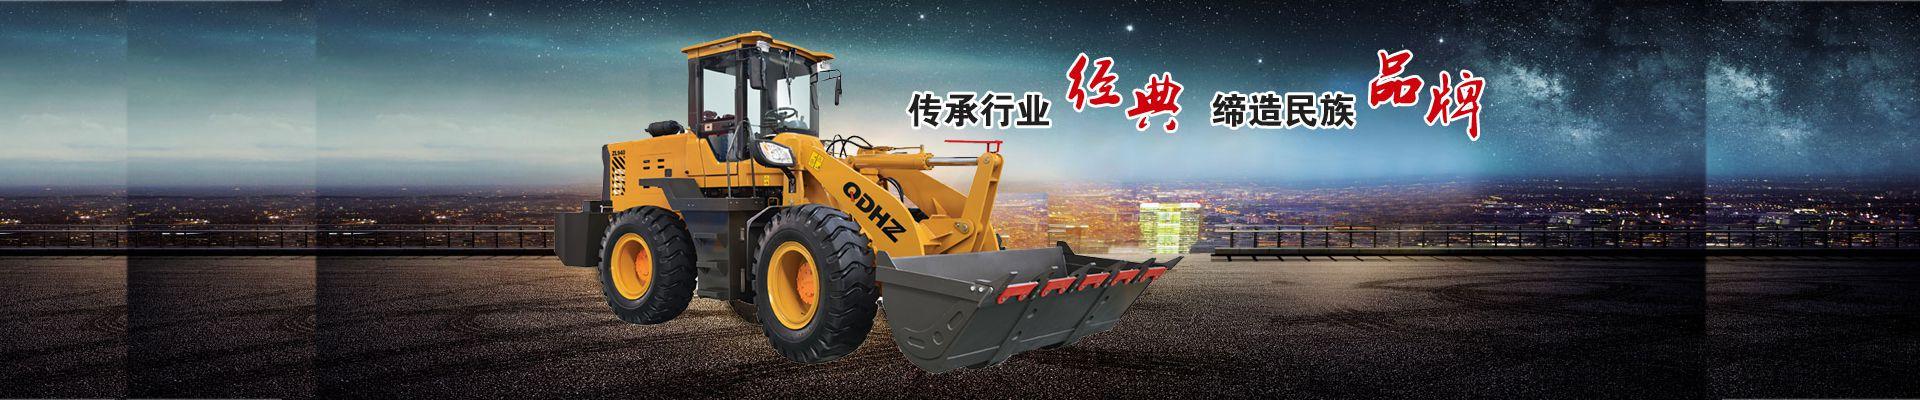 广州市勤达机械设备有限公司